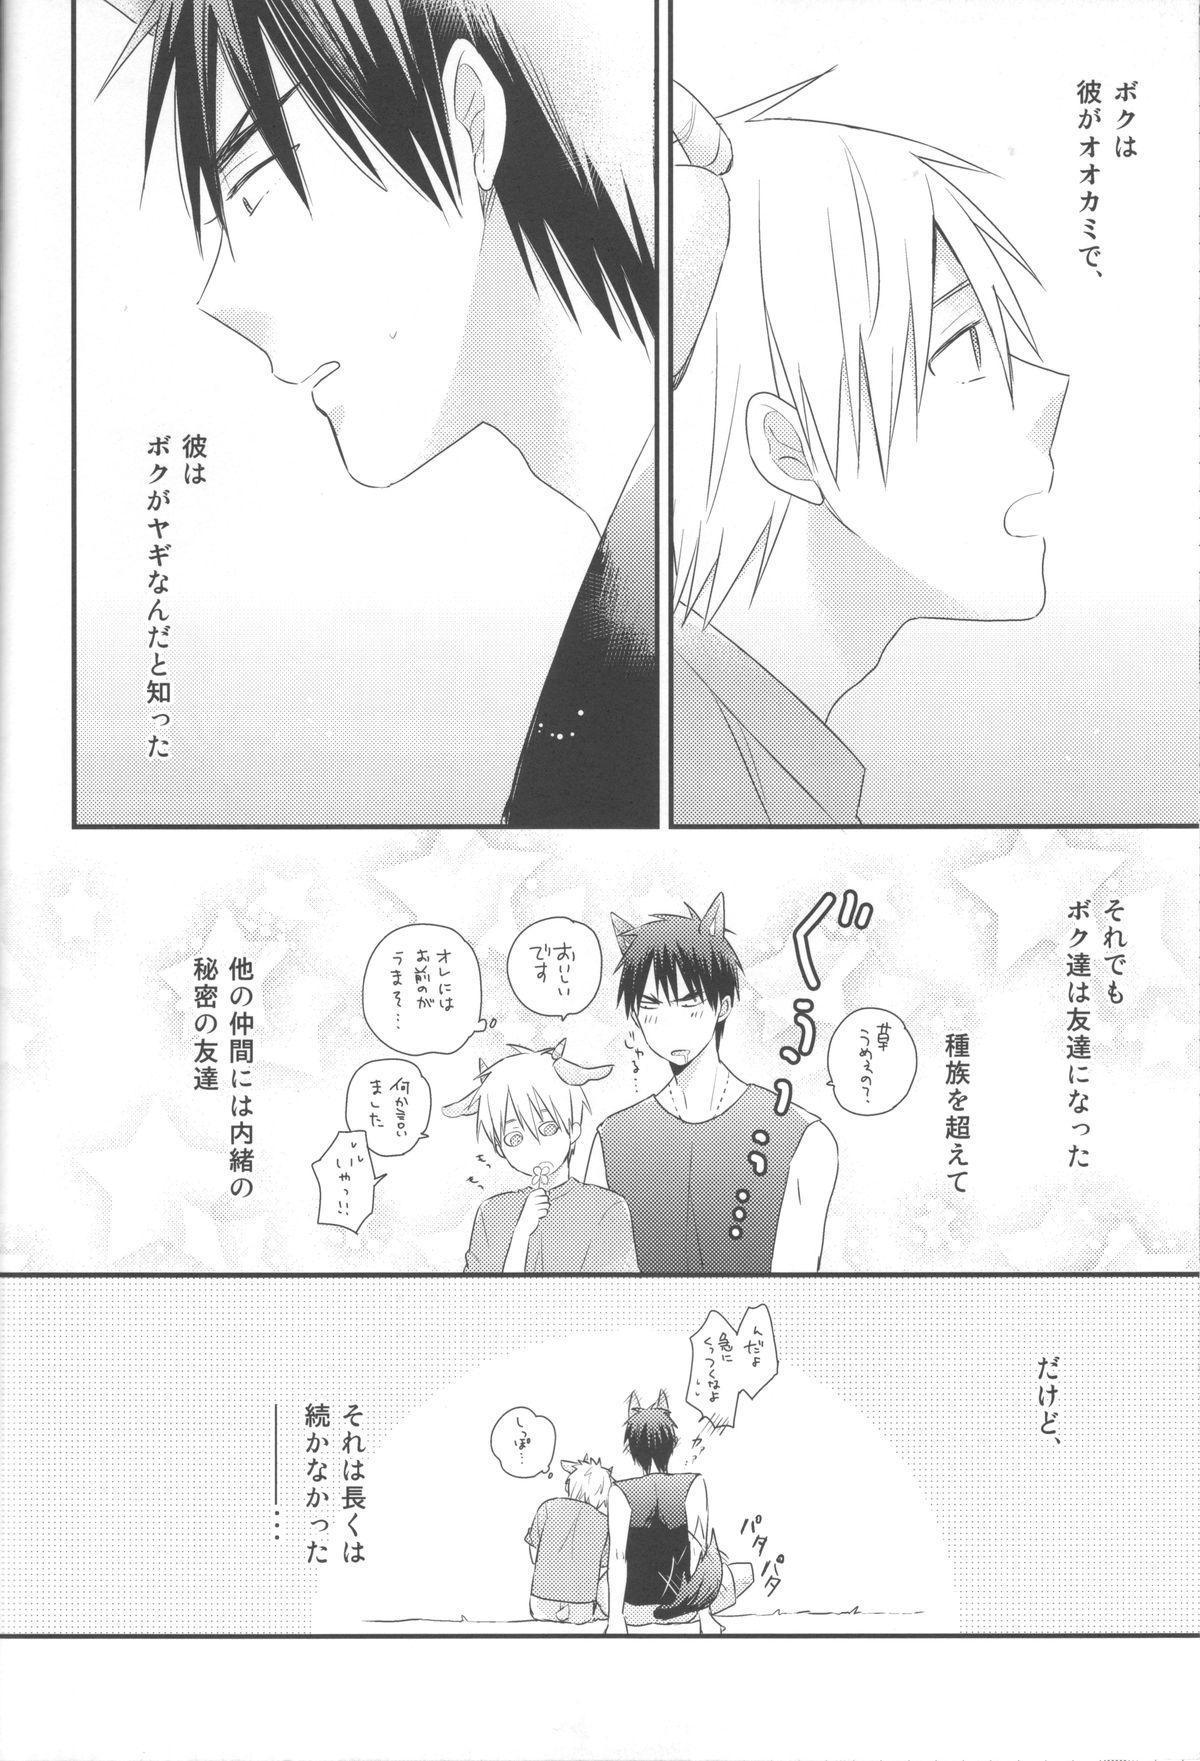 Tomodachi na noni Oishisou 4